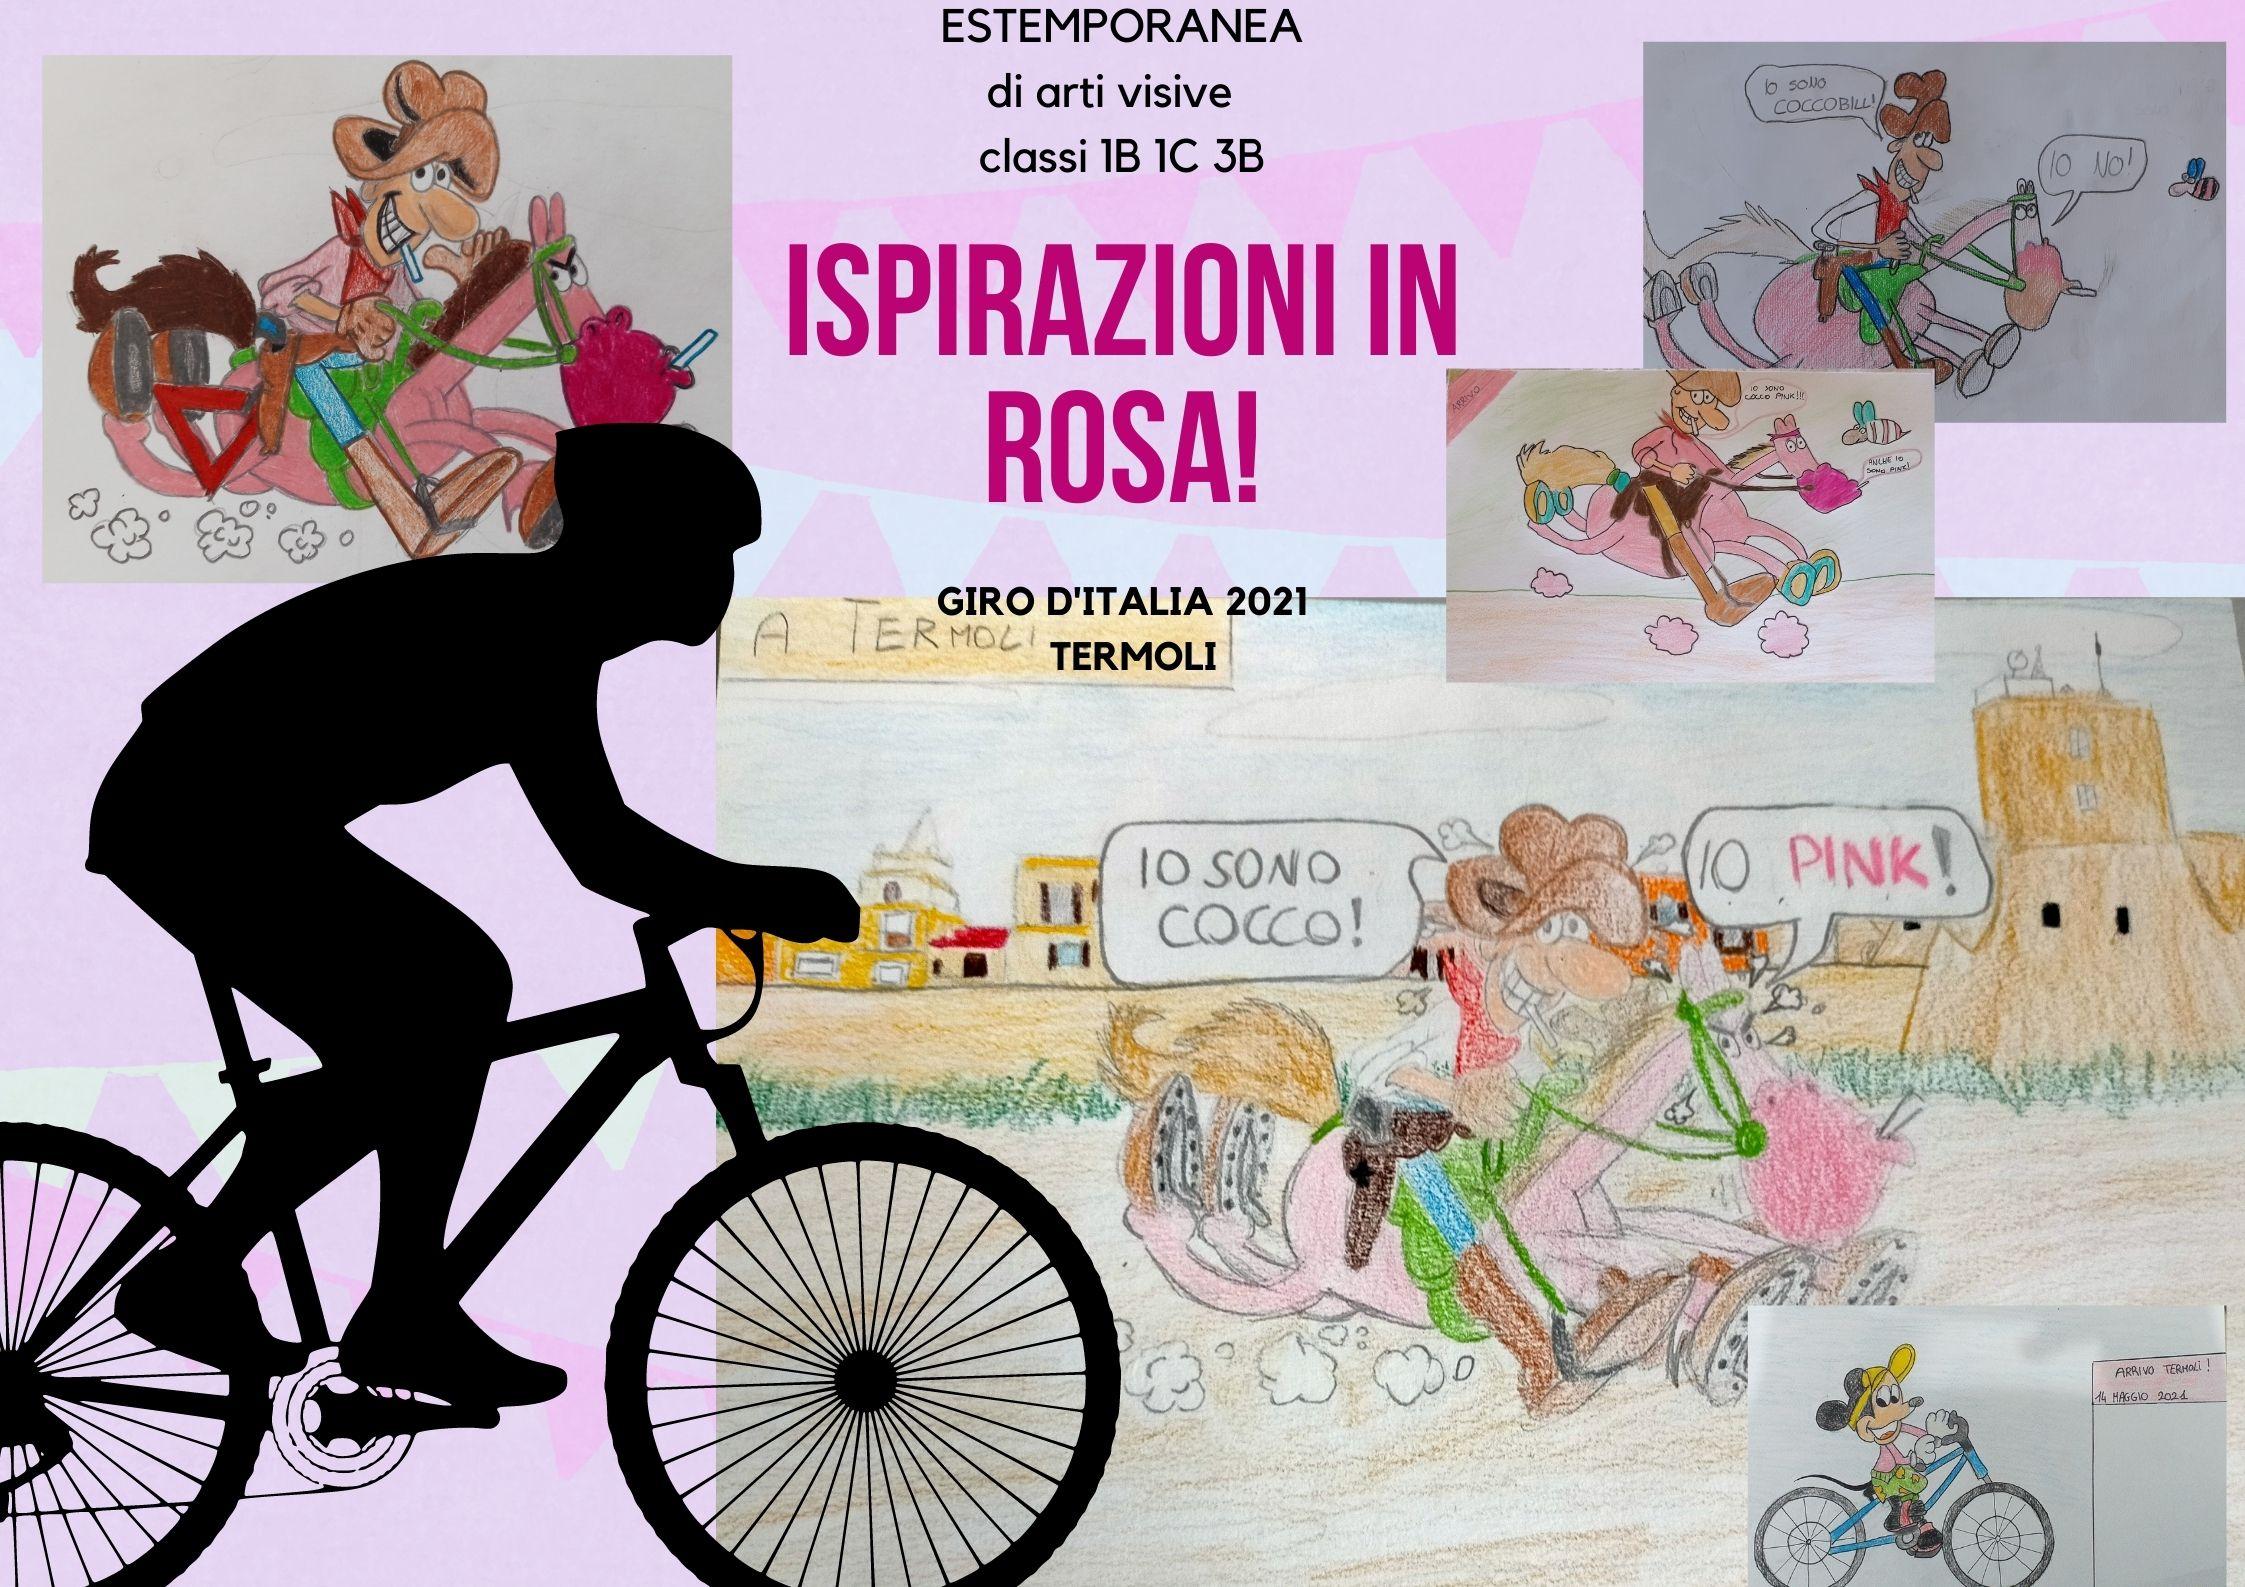 TERMOLI, LA BICI E IL ROSA: L'I.C. BERNACCHIA OMAGGIA IL GIRO D'ITALIA